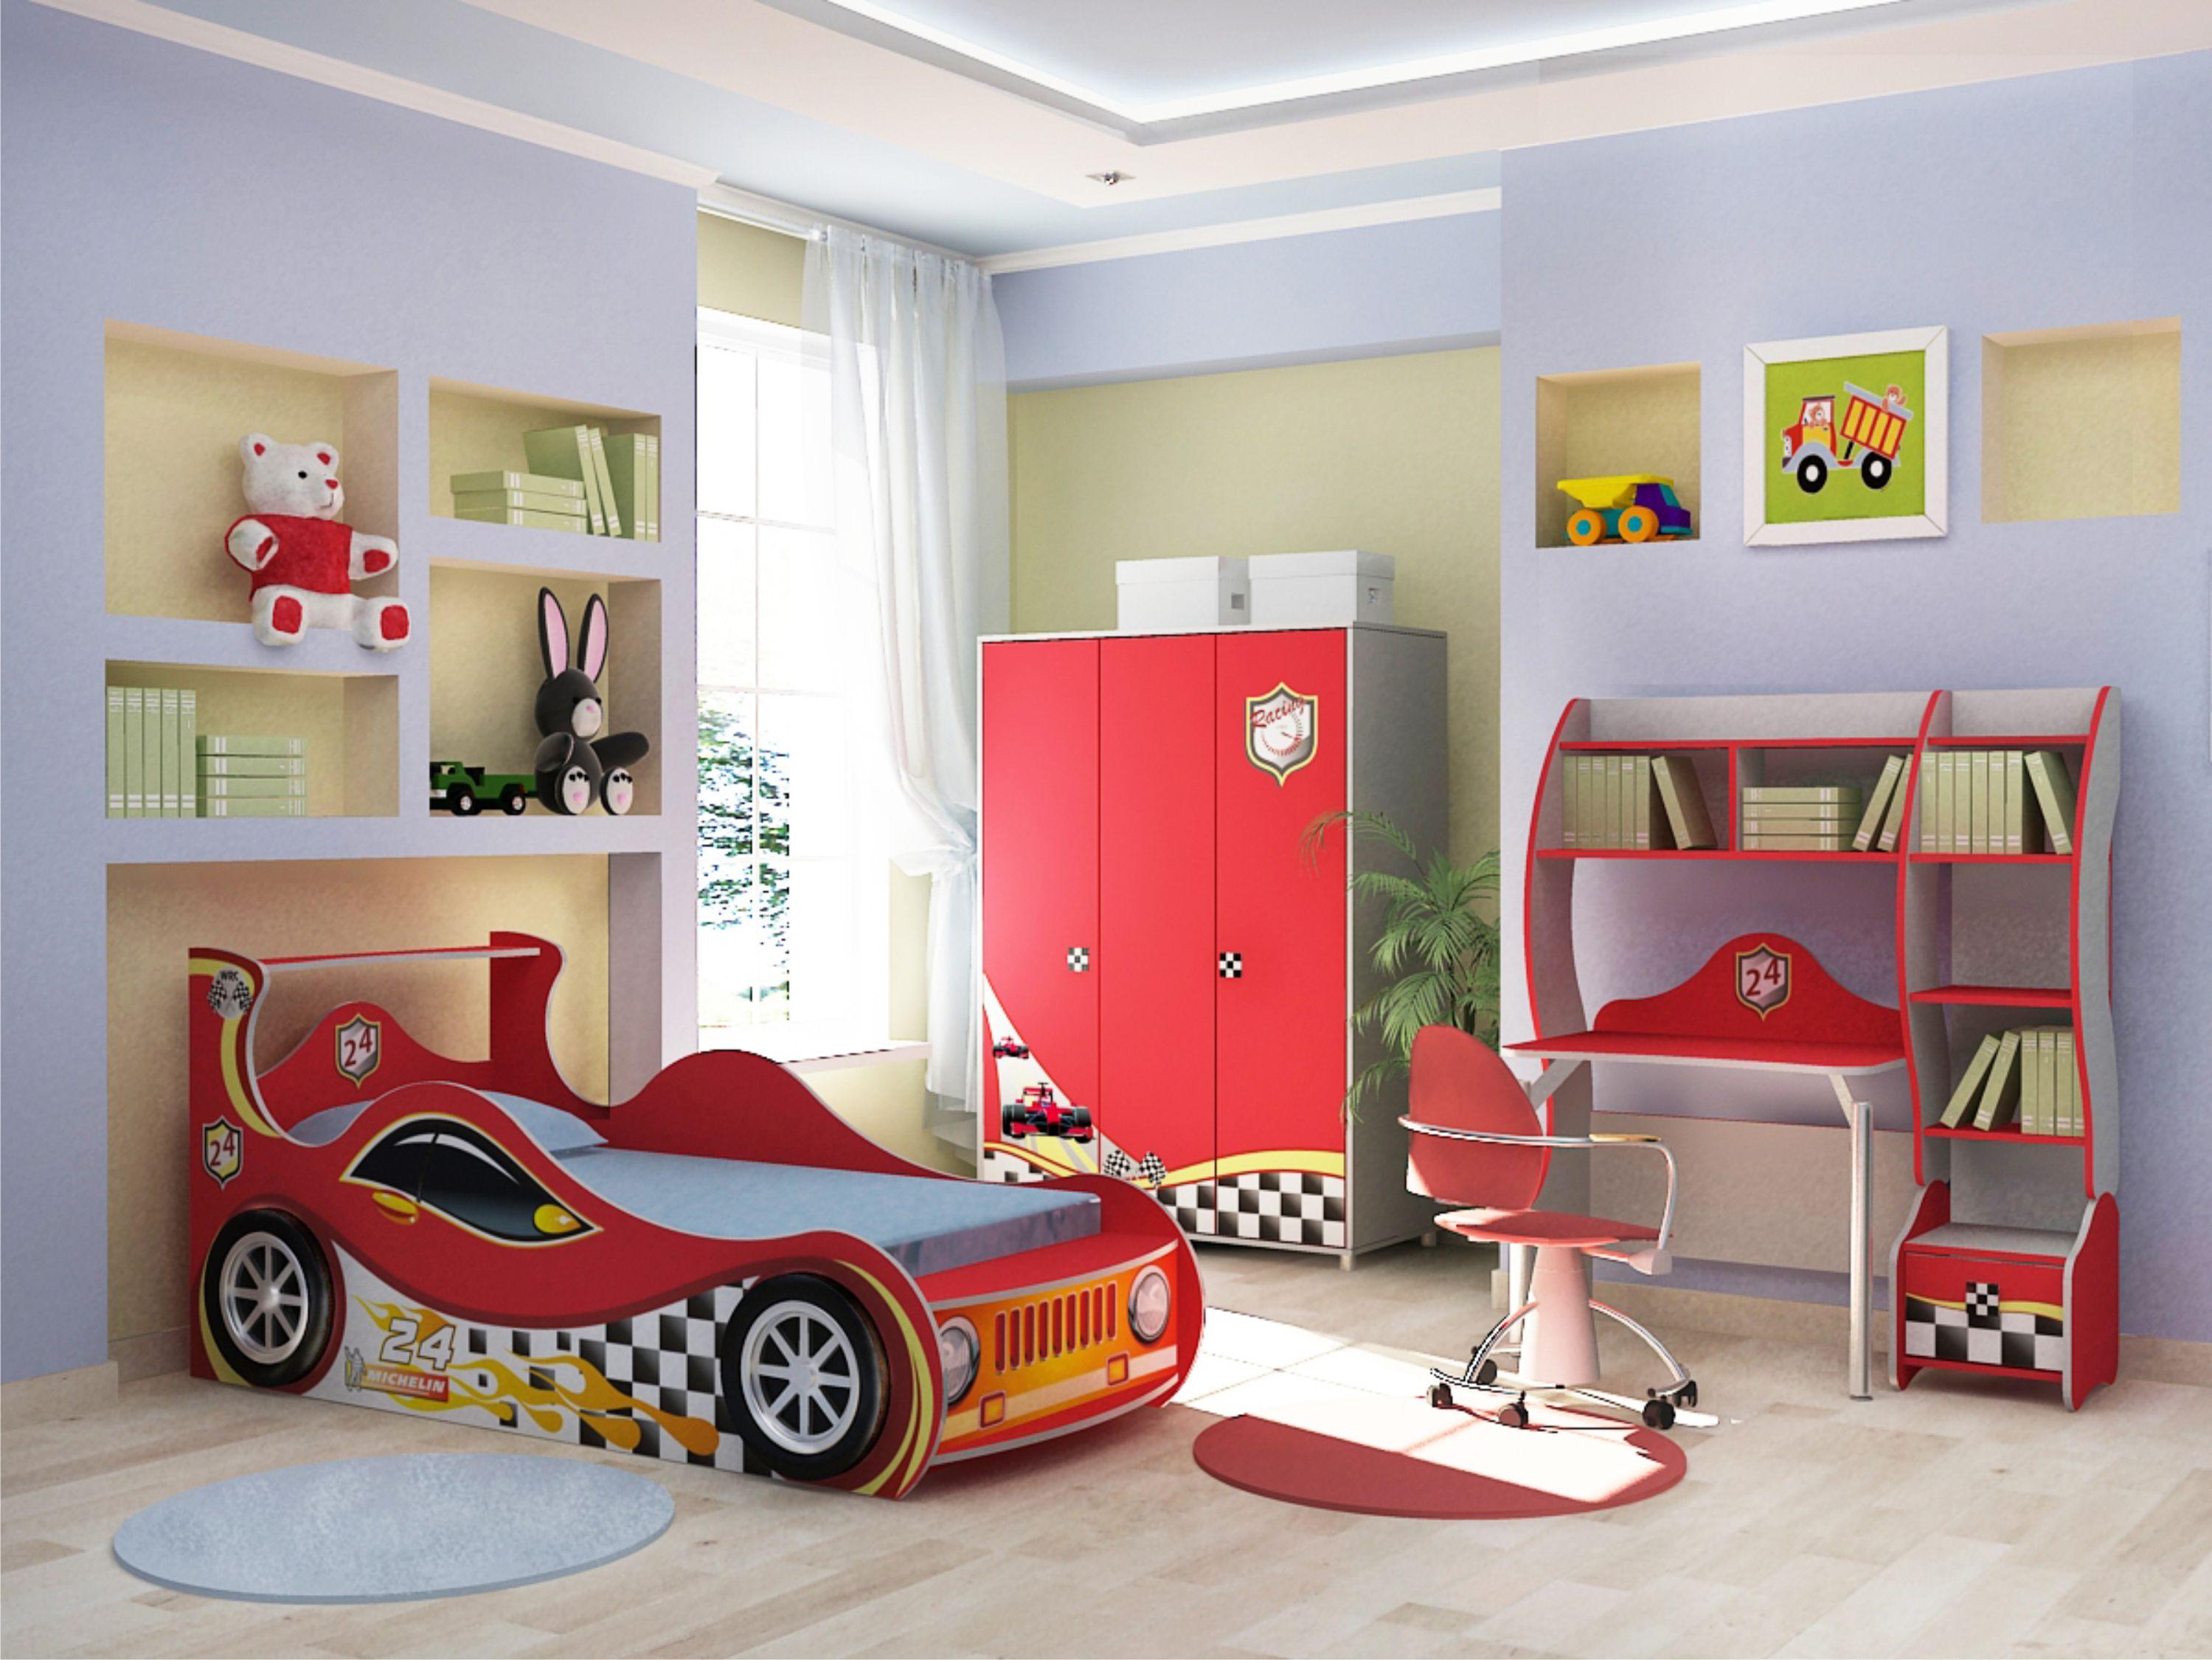 Мебель в детской комнате должна быть хорошей